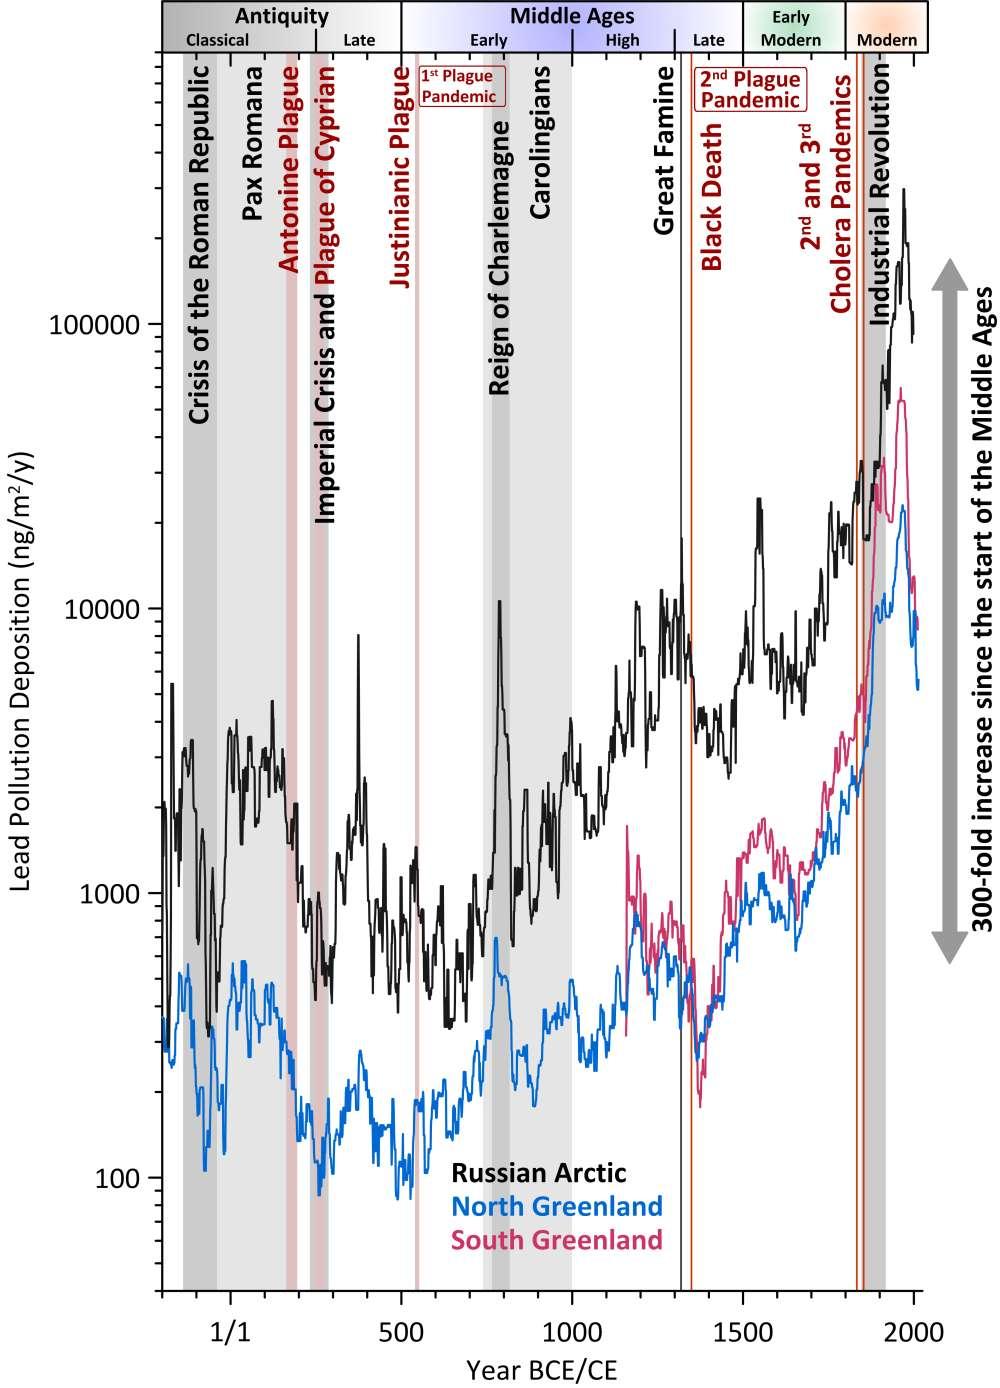 اطلاعات یافت شده از ستون یخی